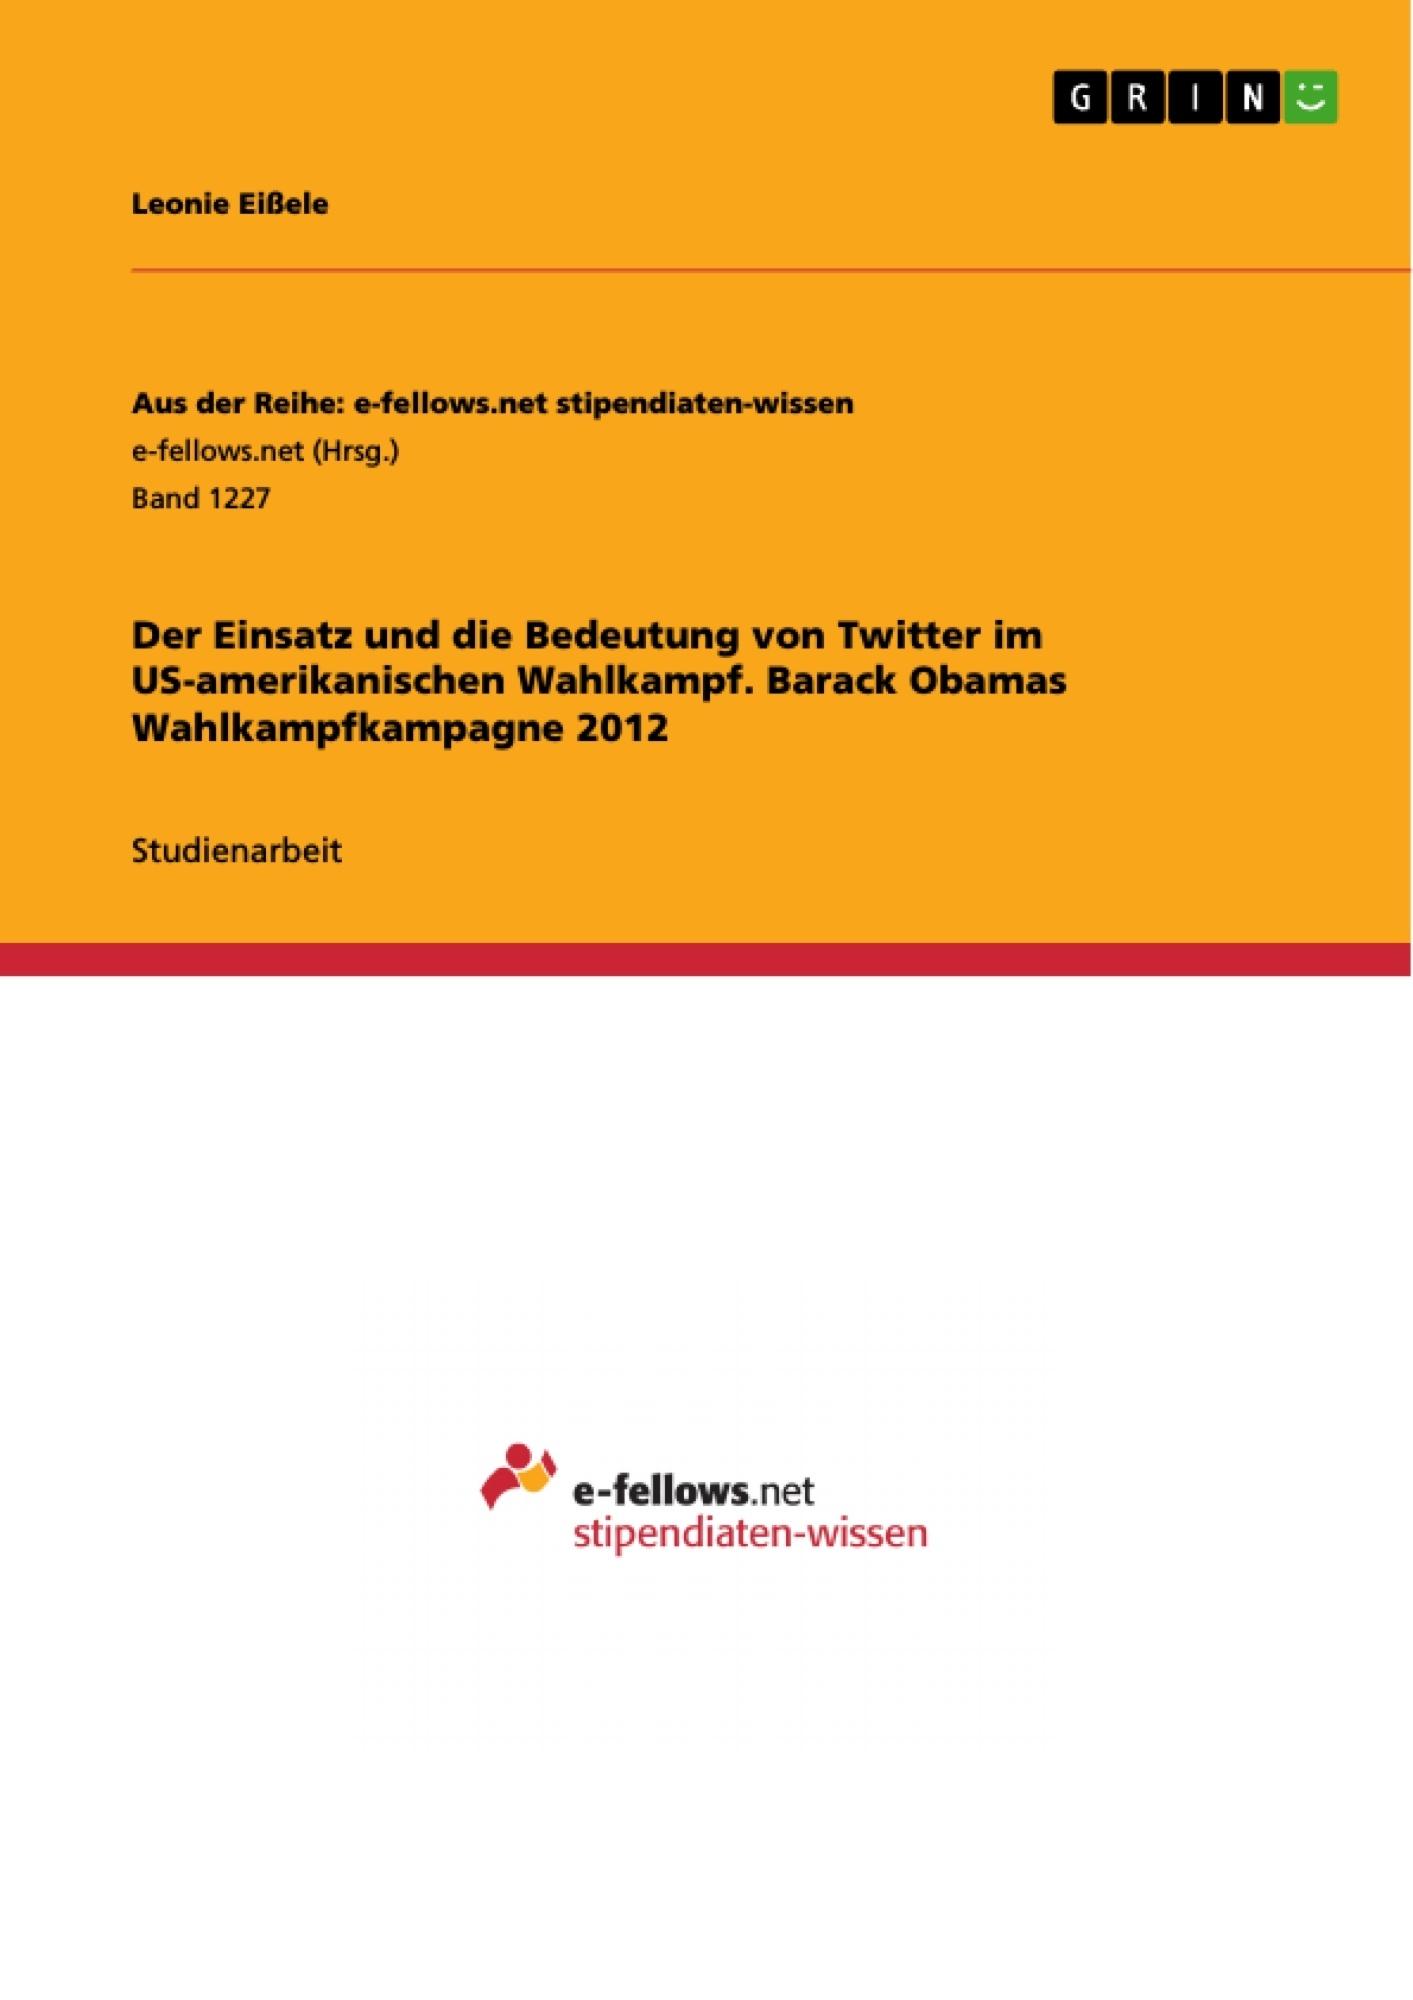 Titel: Der Einsatz und die Bedeutung von Twitter im US-amerikanischen Wahlkampf. Barack Obamas Wahlkampfkampagne 2012